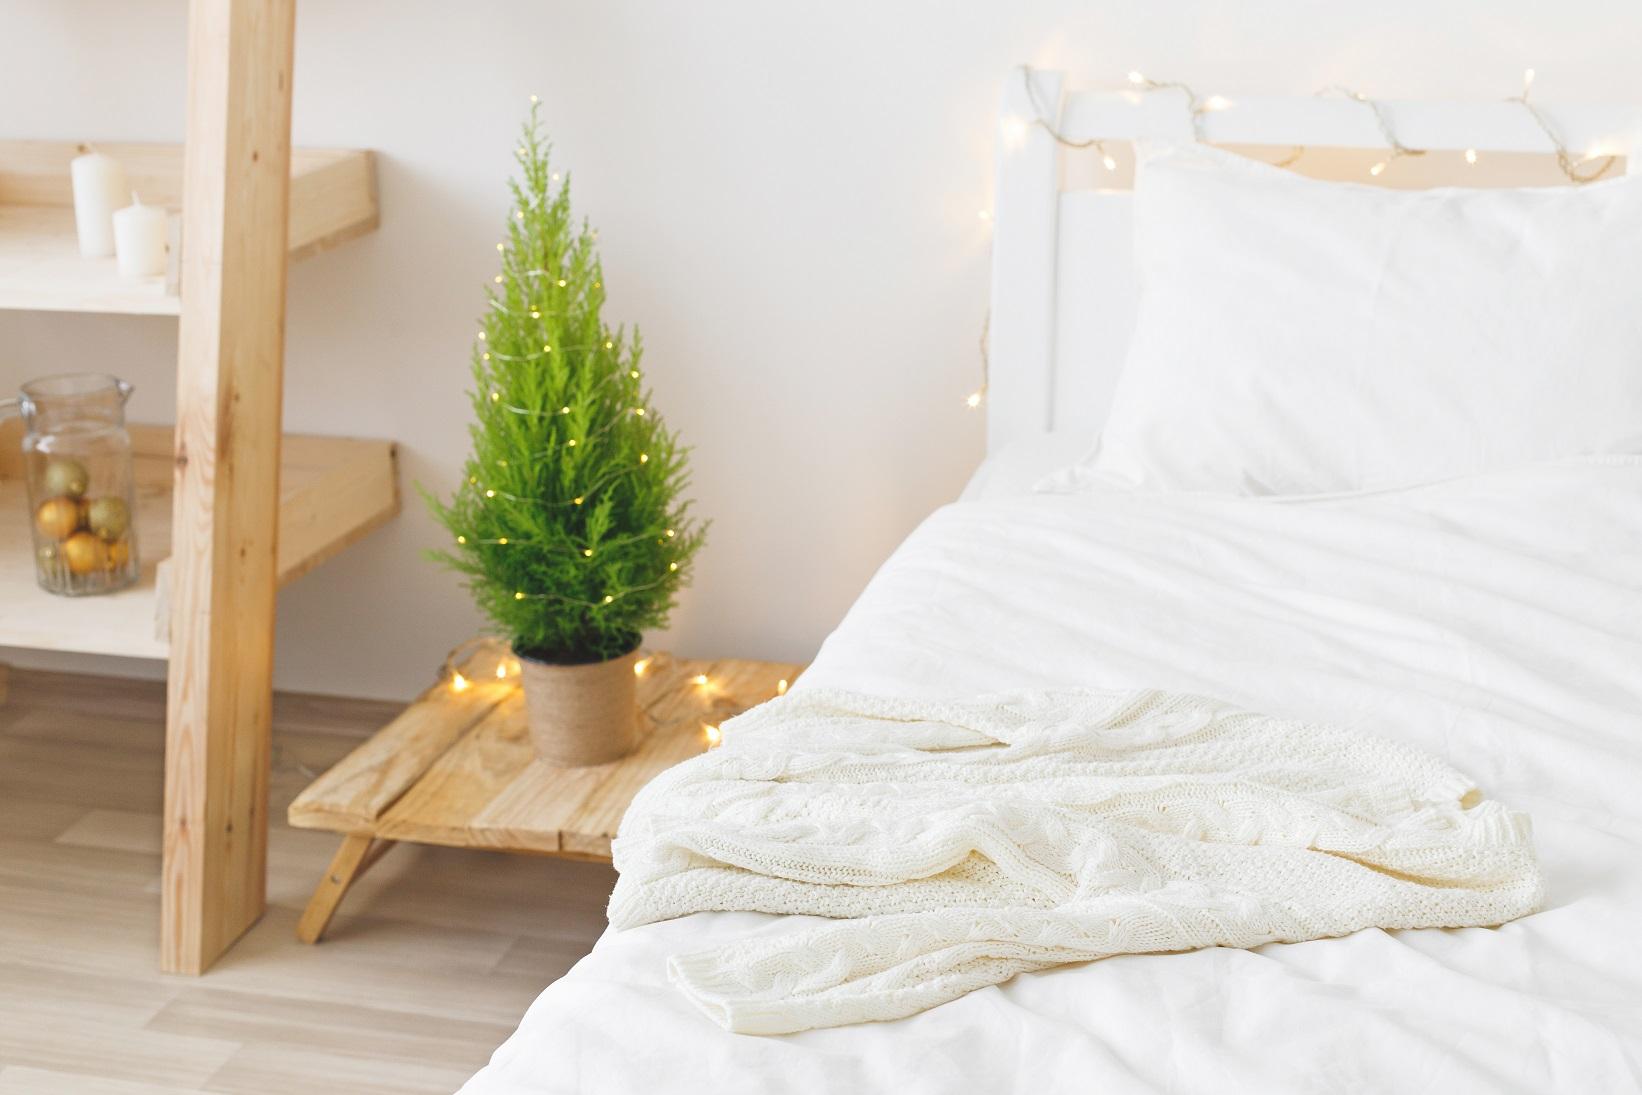 Decorazioni Natalizie Per La Camera decorazioni di natale per la casa: idee semplici ma eleganti